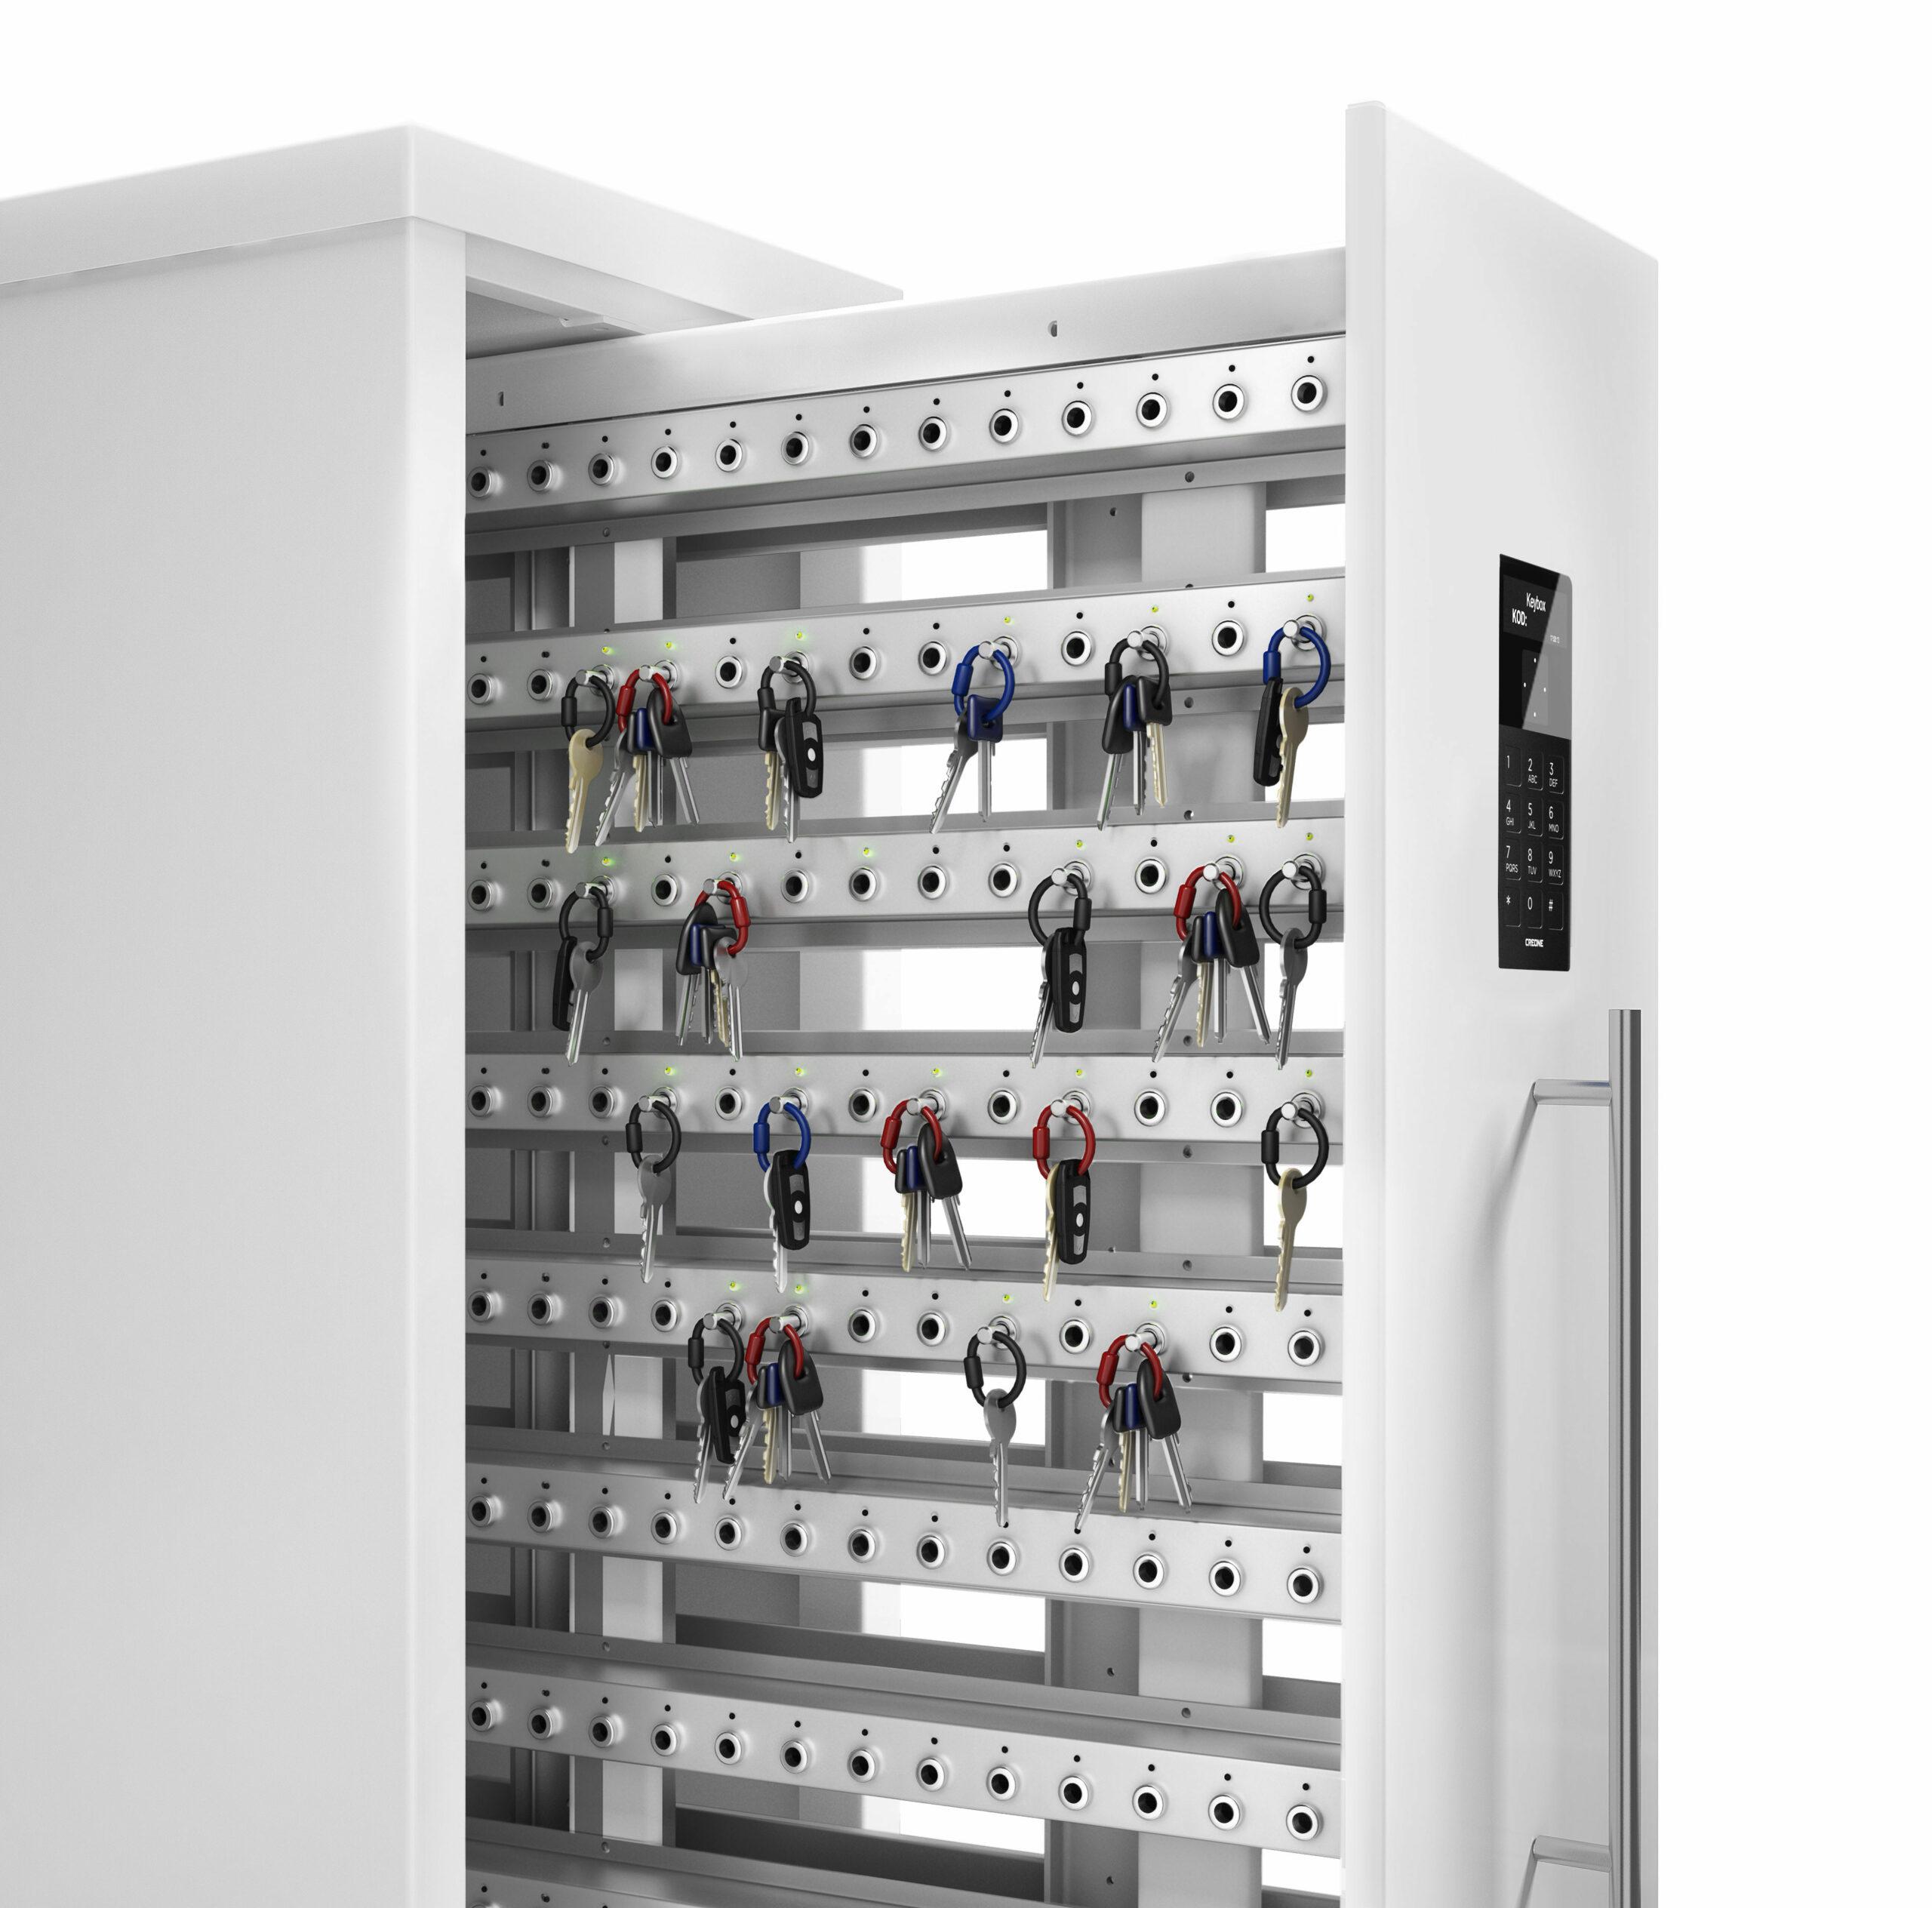 Armoire à clés 9600 SC de la gamme Keycontrol. Armoire ouverte montrant les racks qui organisent la gestion des clés.